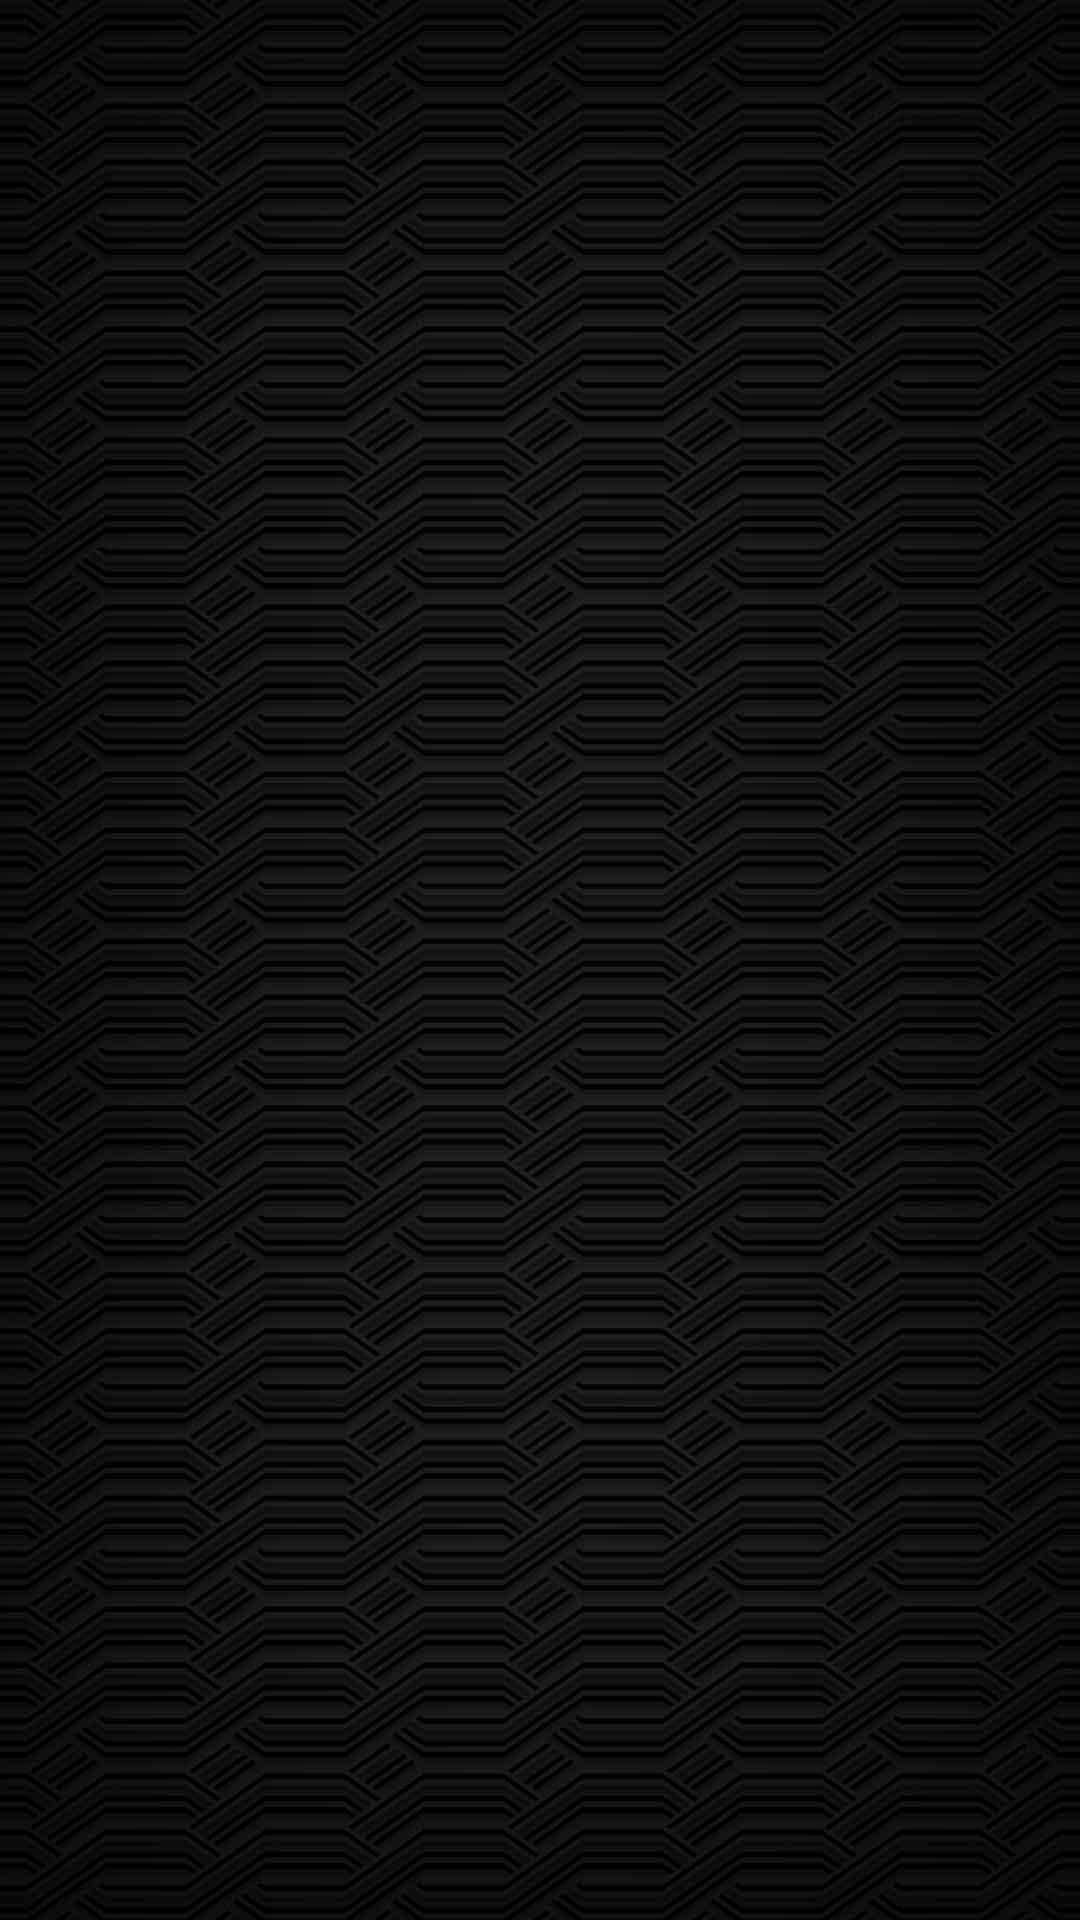 wallpaper for dark mode